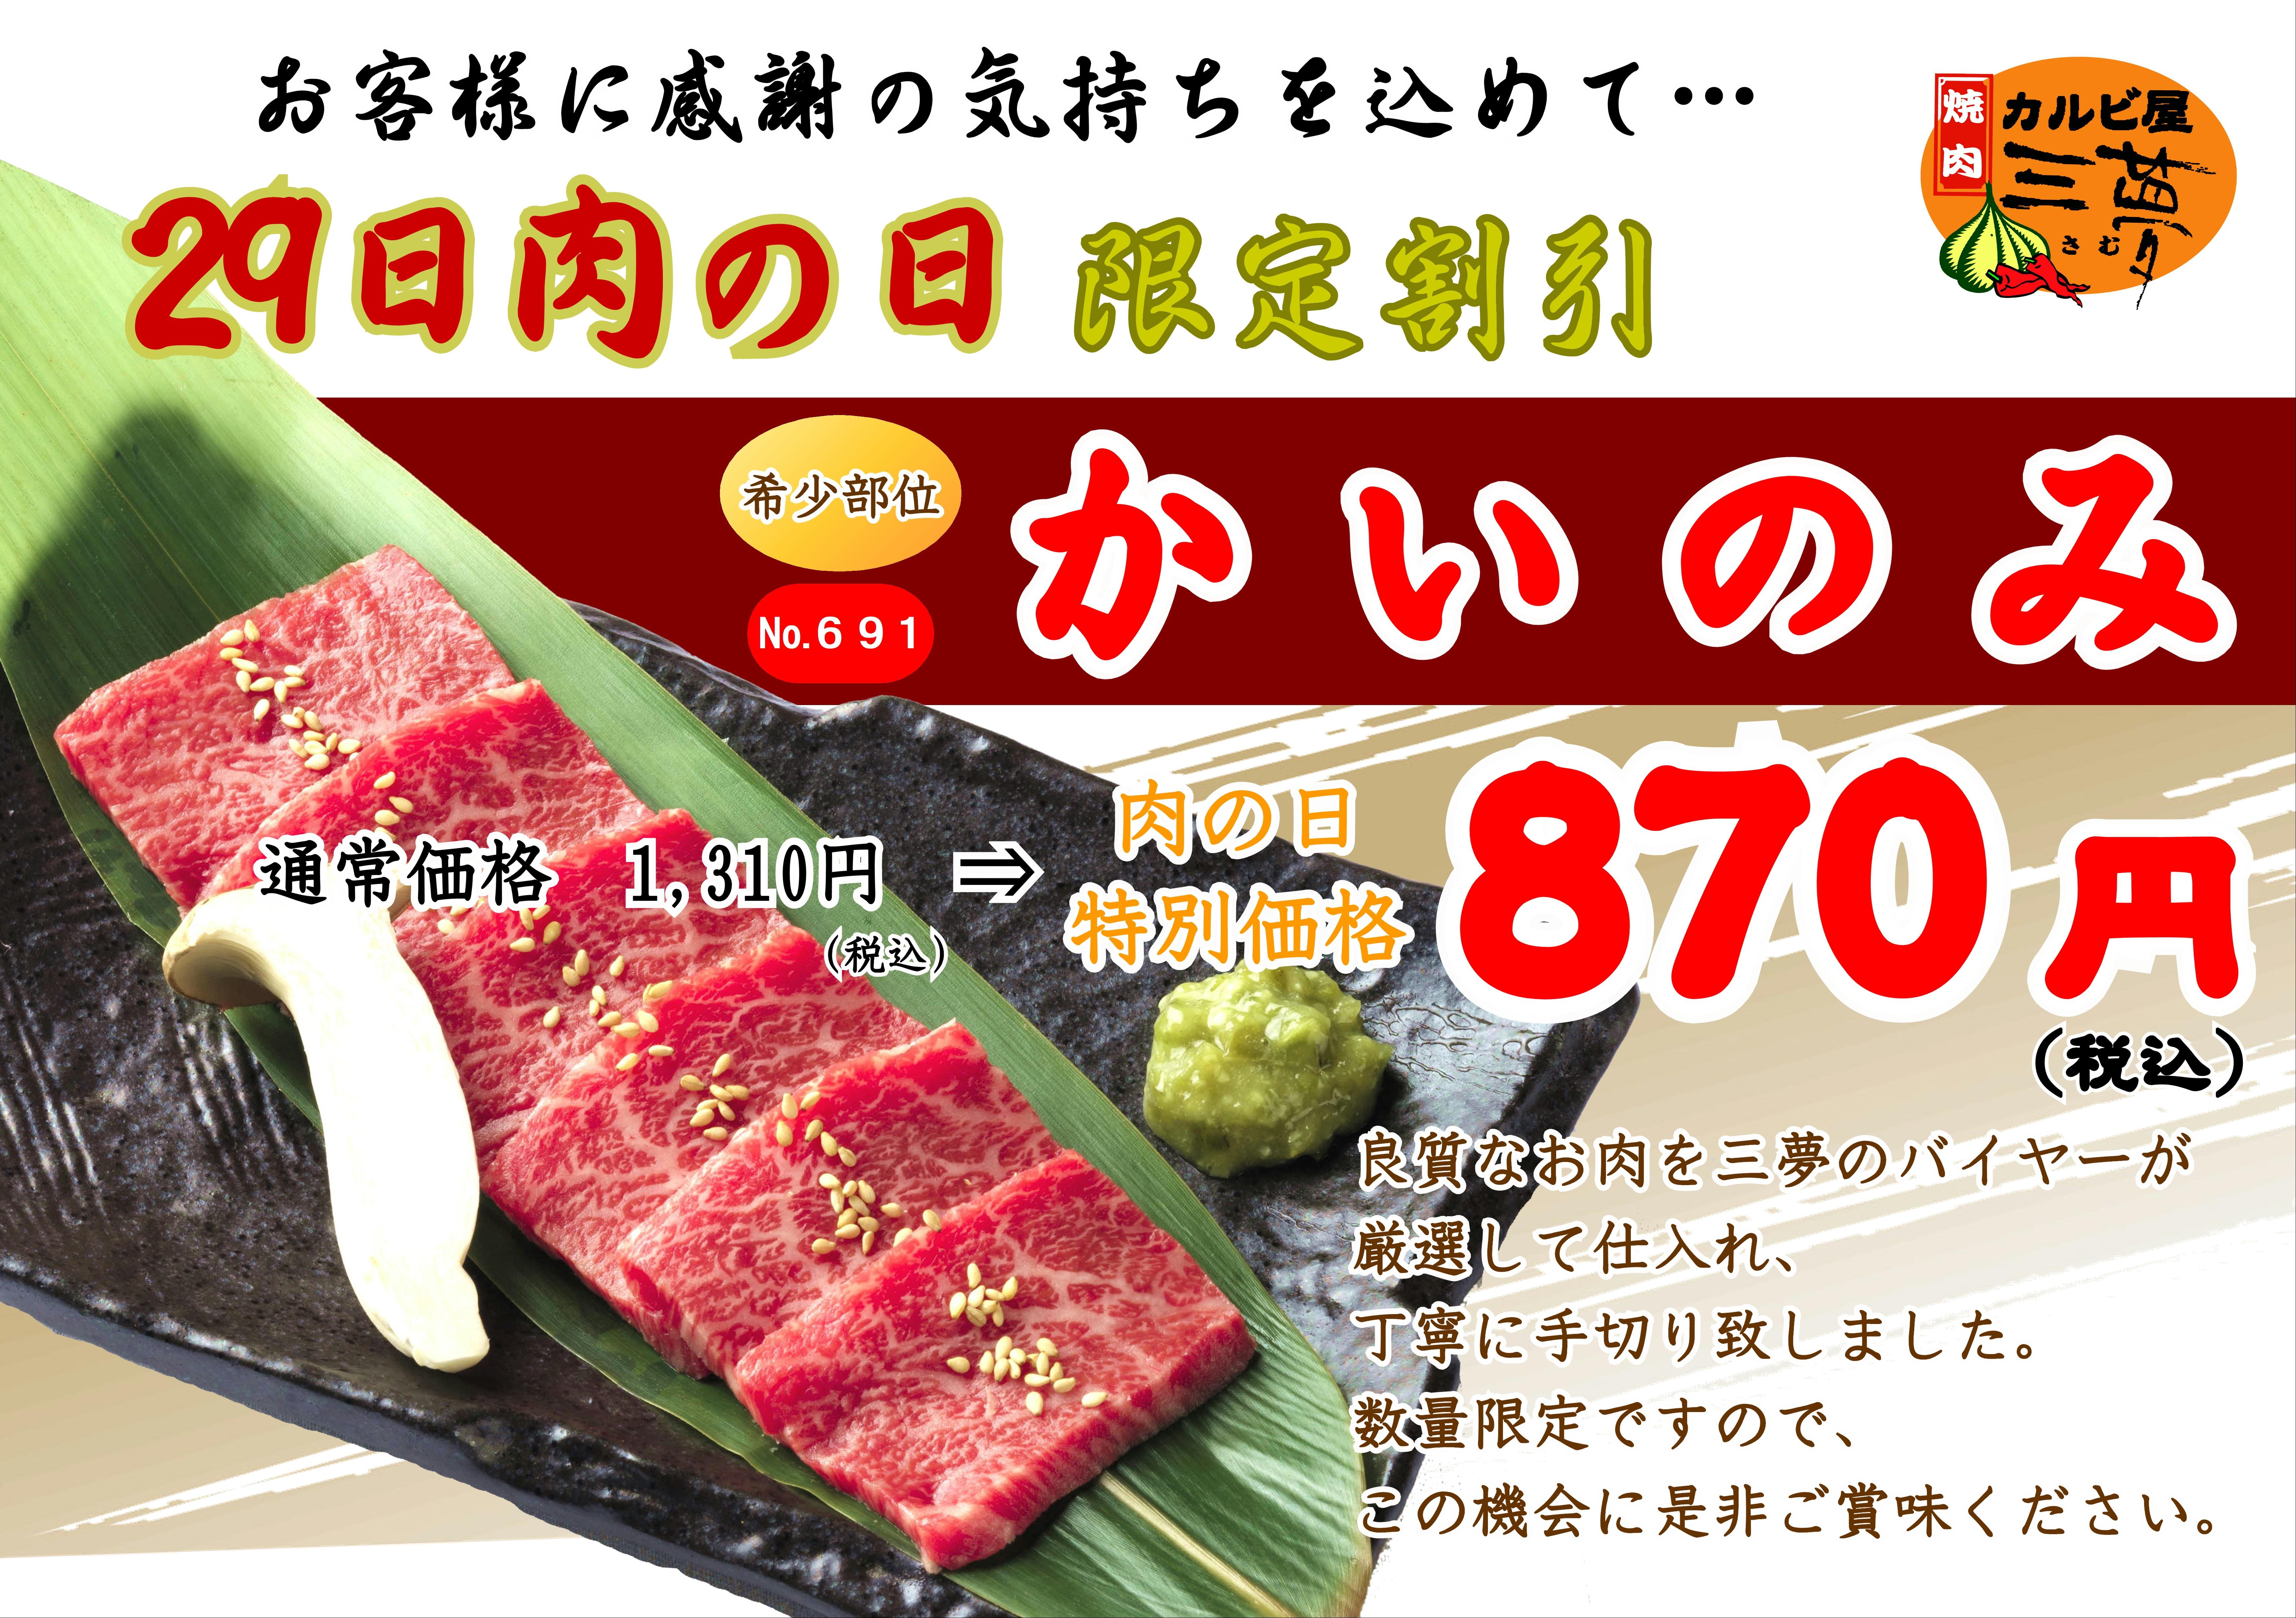 9月29日は「肉の日」です